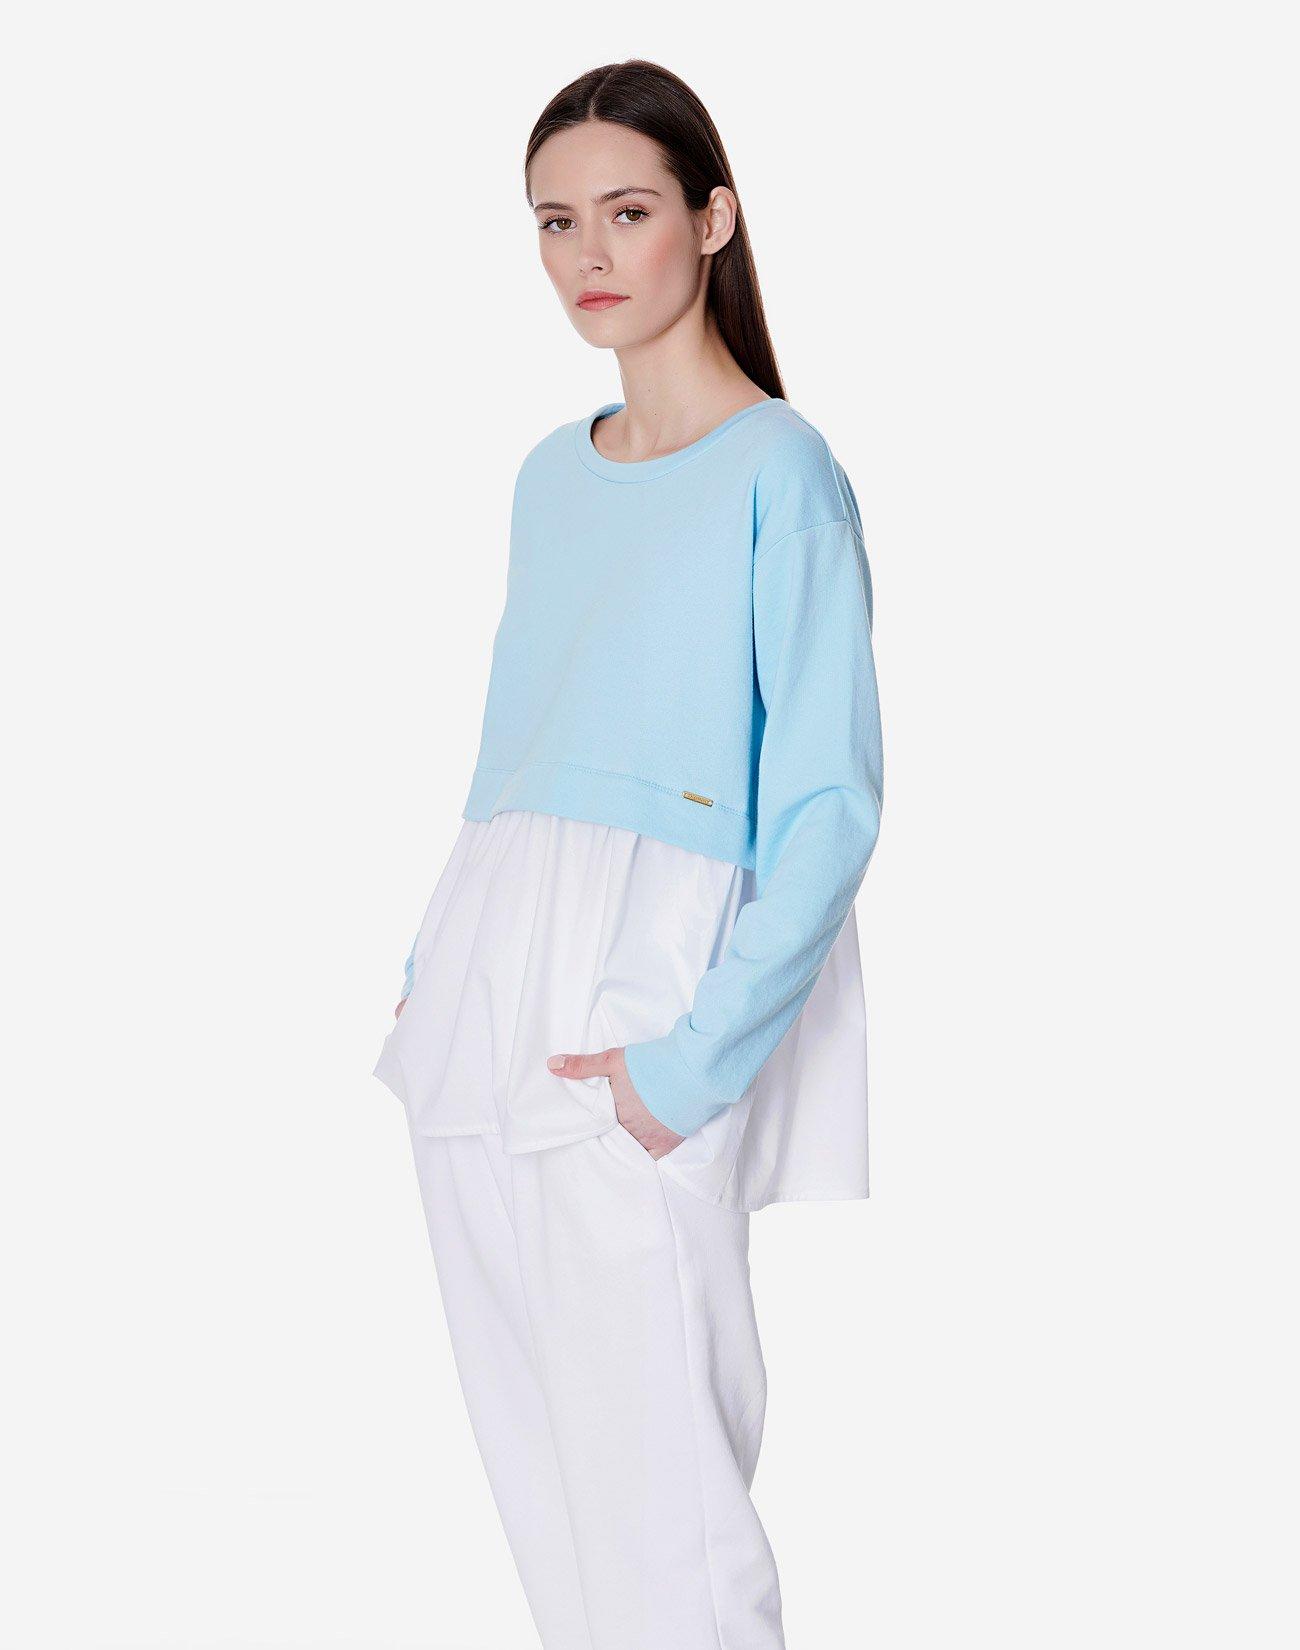 Sweatshirt with contrast ruffle